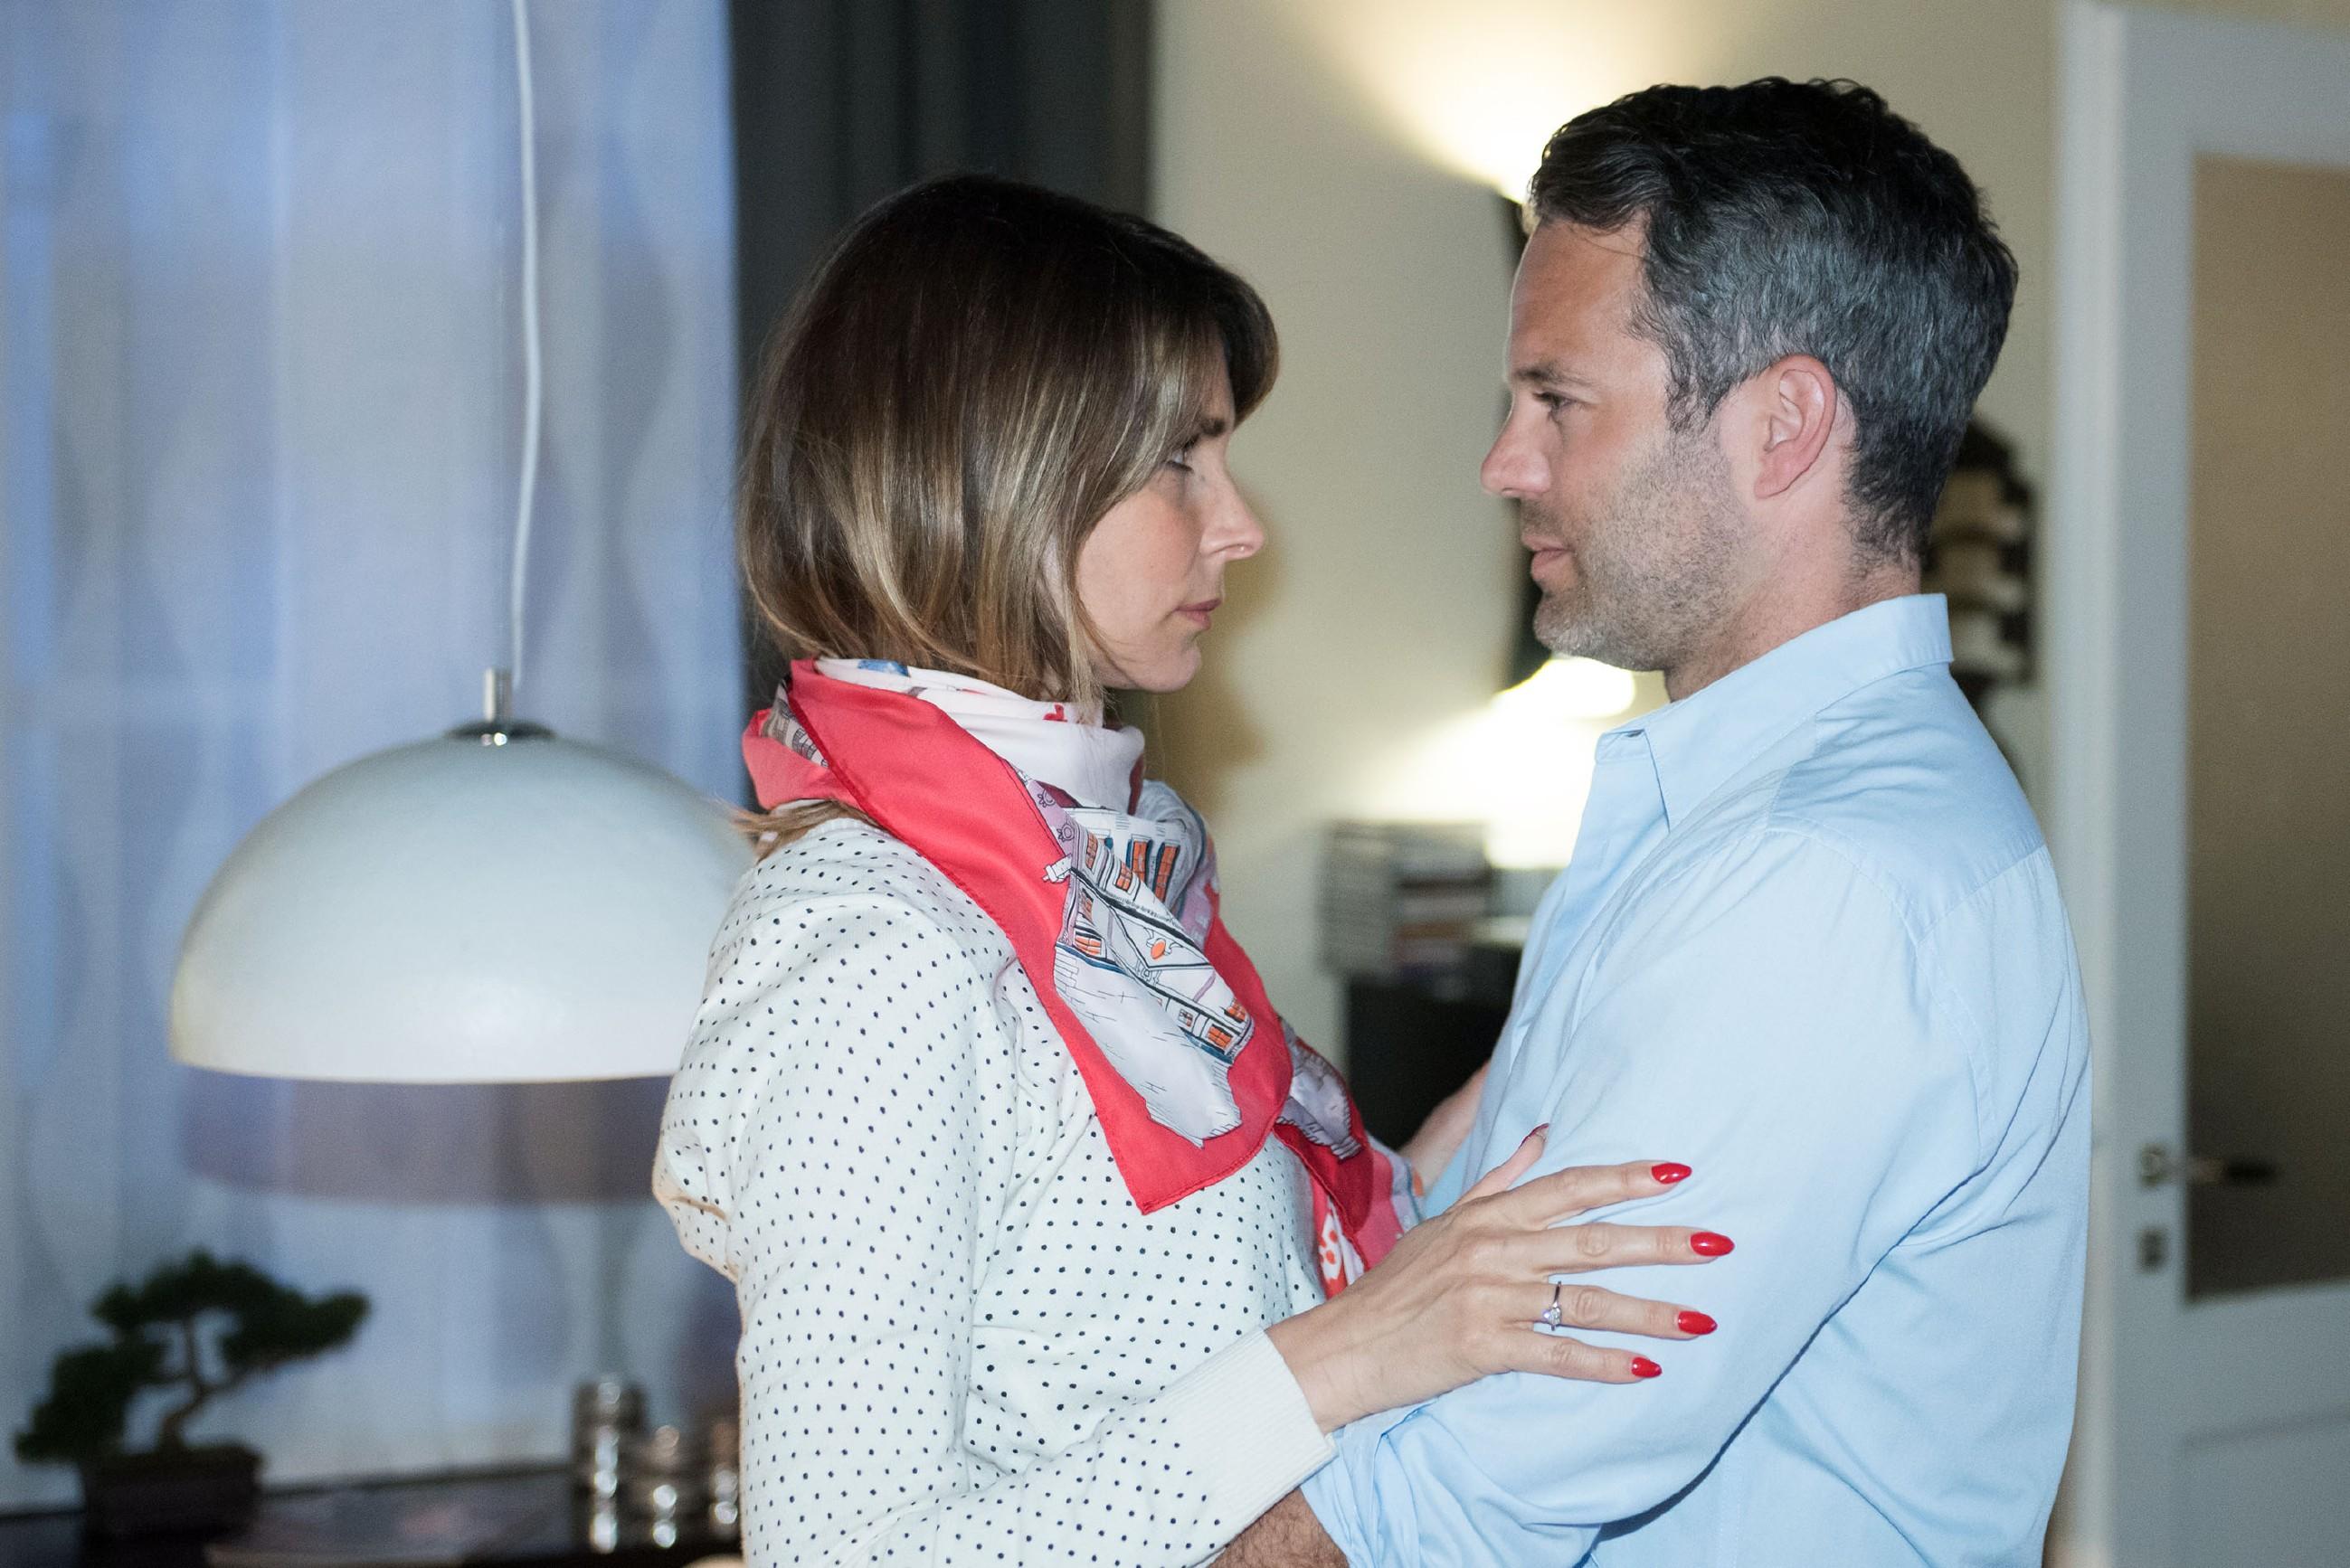 Wird Eva (Claudelle Deckert) ihrer Ehe mit Till (Ben Ruedinger) noch eine Chance geben? (Quelle: RTL / Stefan Behrens)